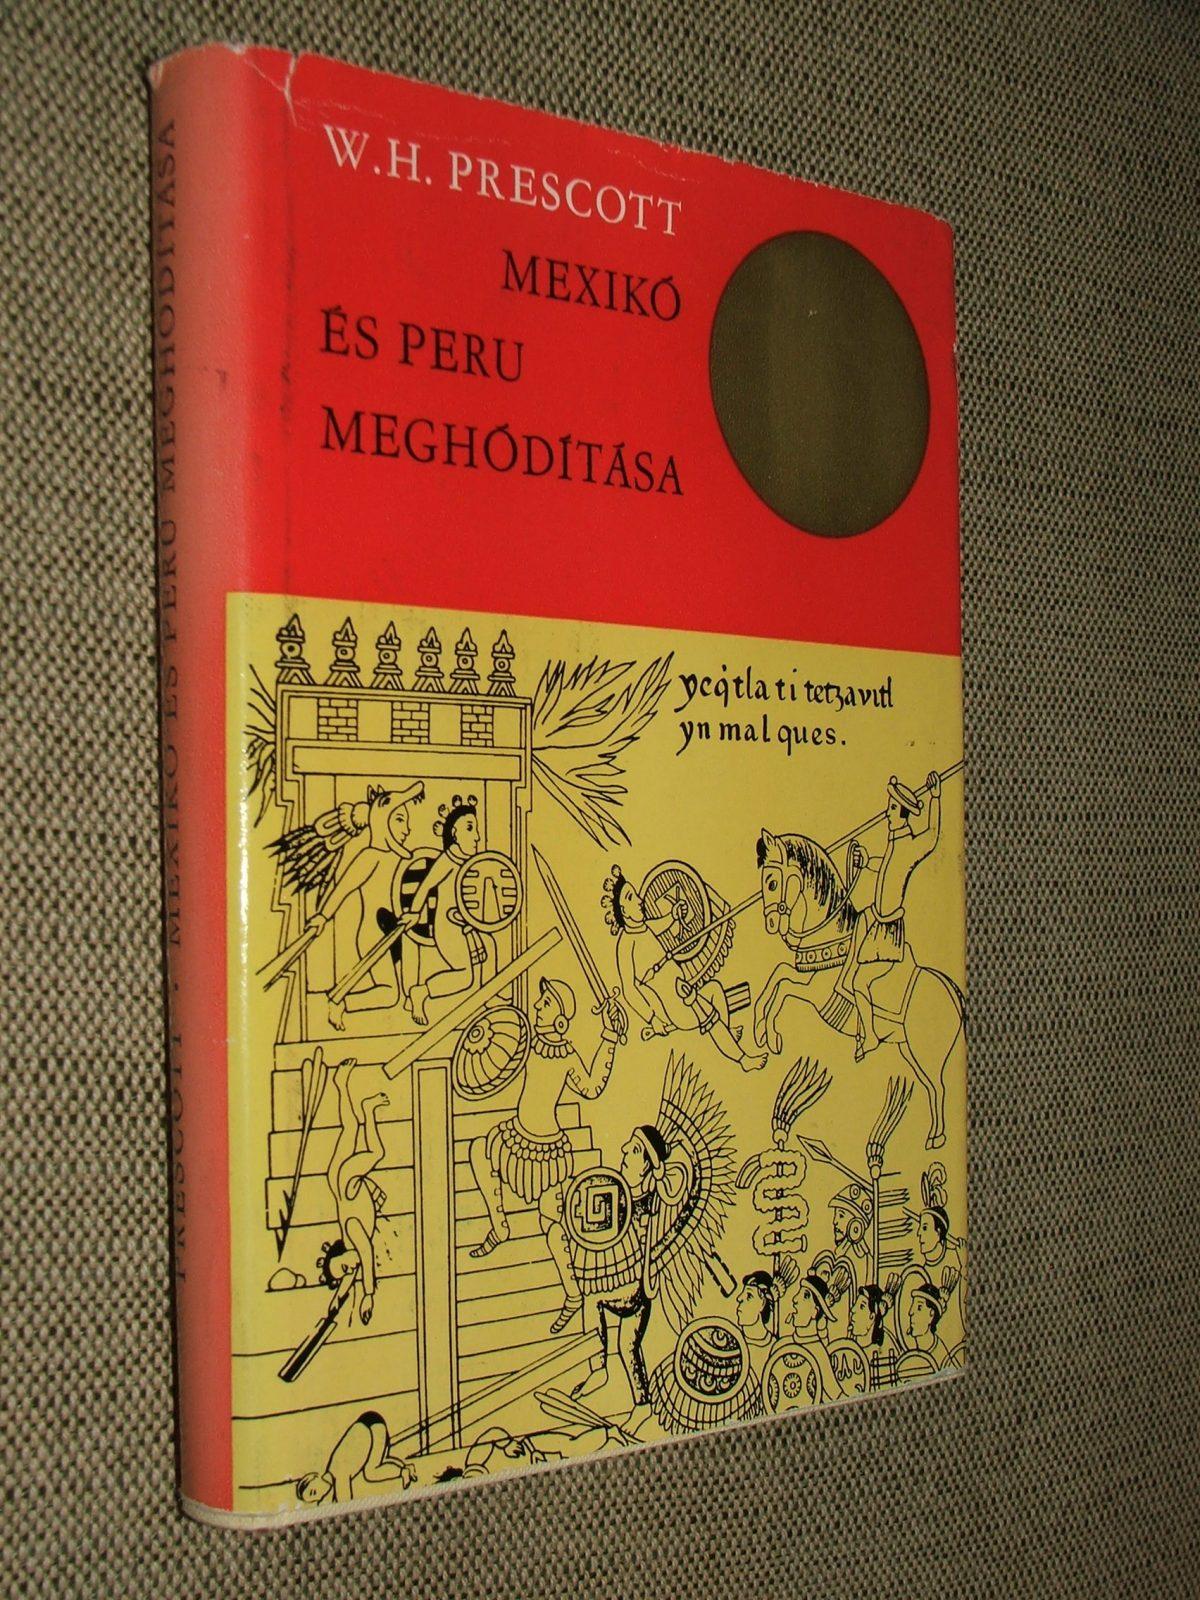 PRESCOTT, W.(illiam) H.(ickling): Mexikó és Peru meghódítása